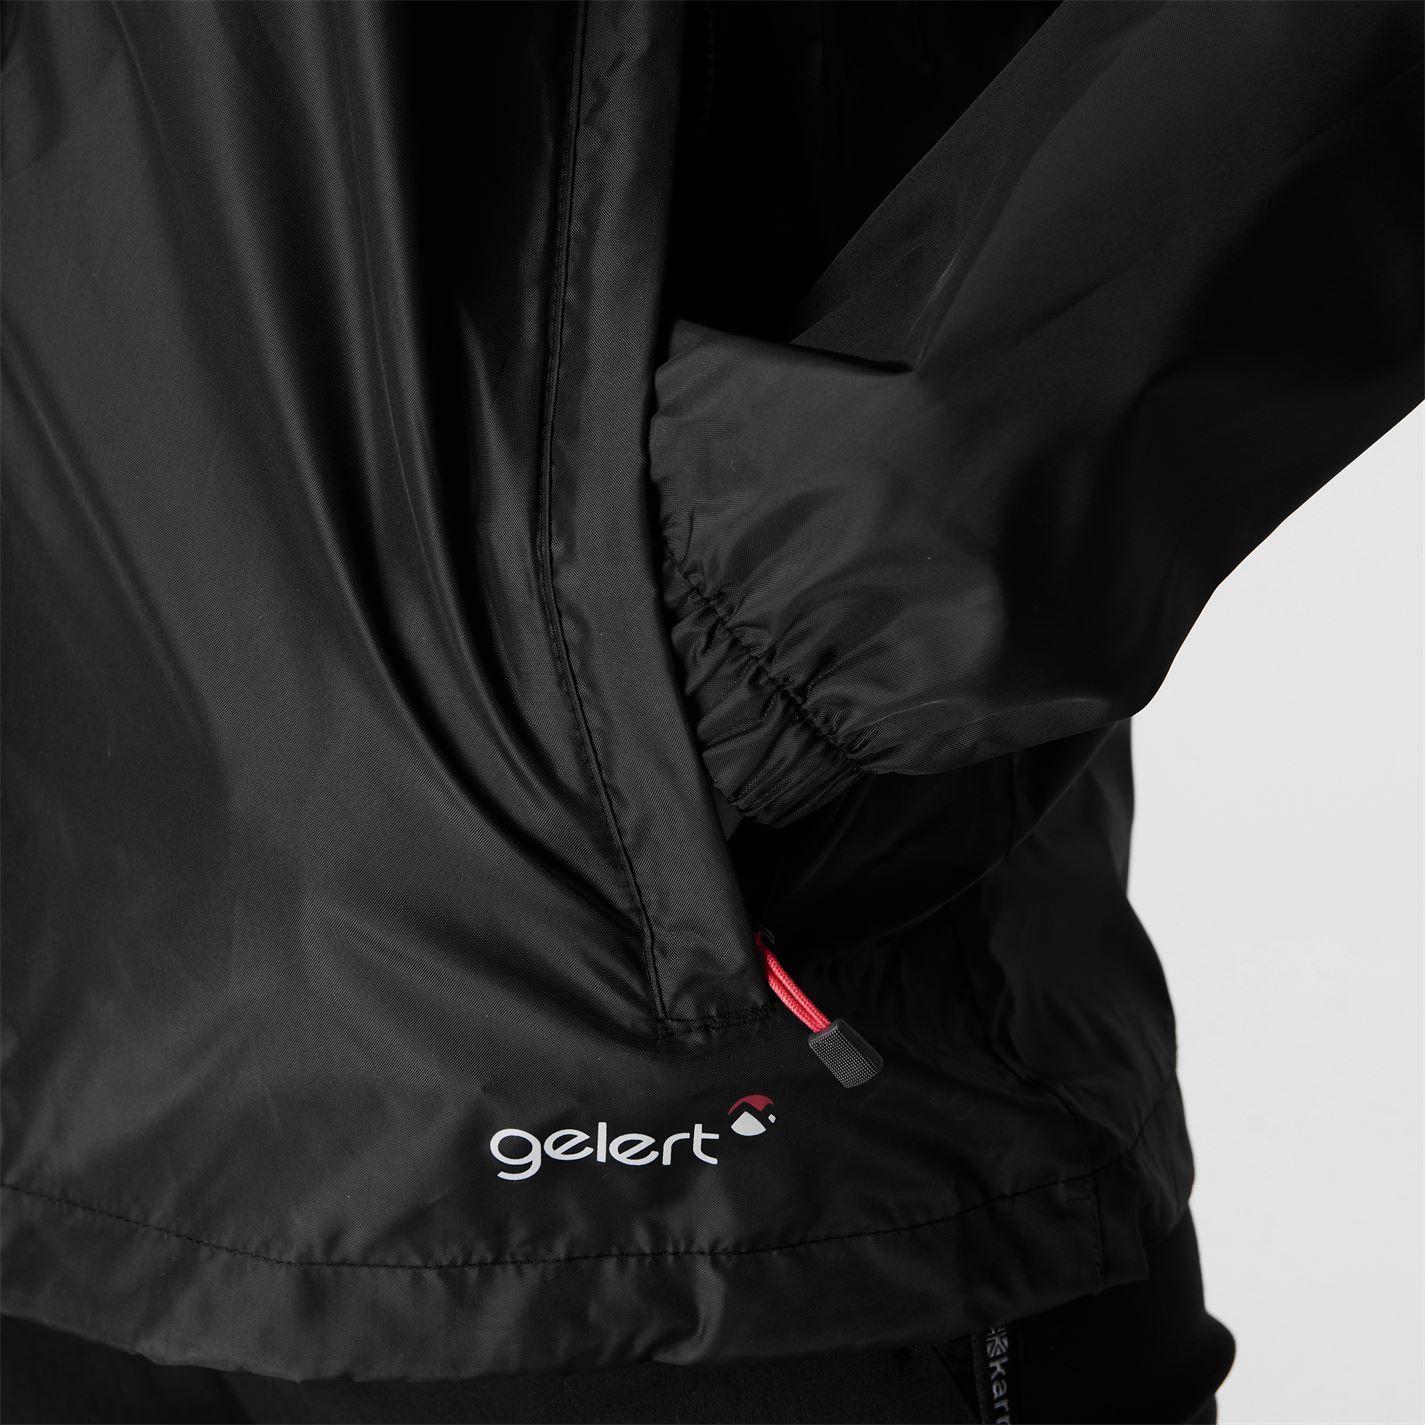 Gelert Womens Ladies Packaway Jacket Outwear Coat Waterproof Full Zip Hood